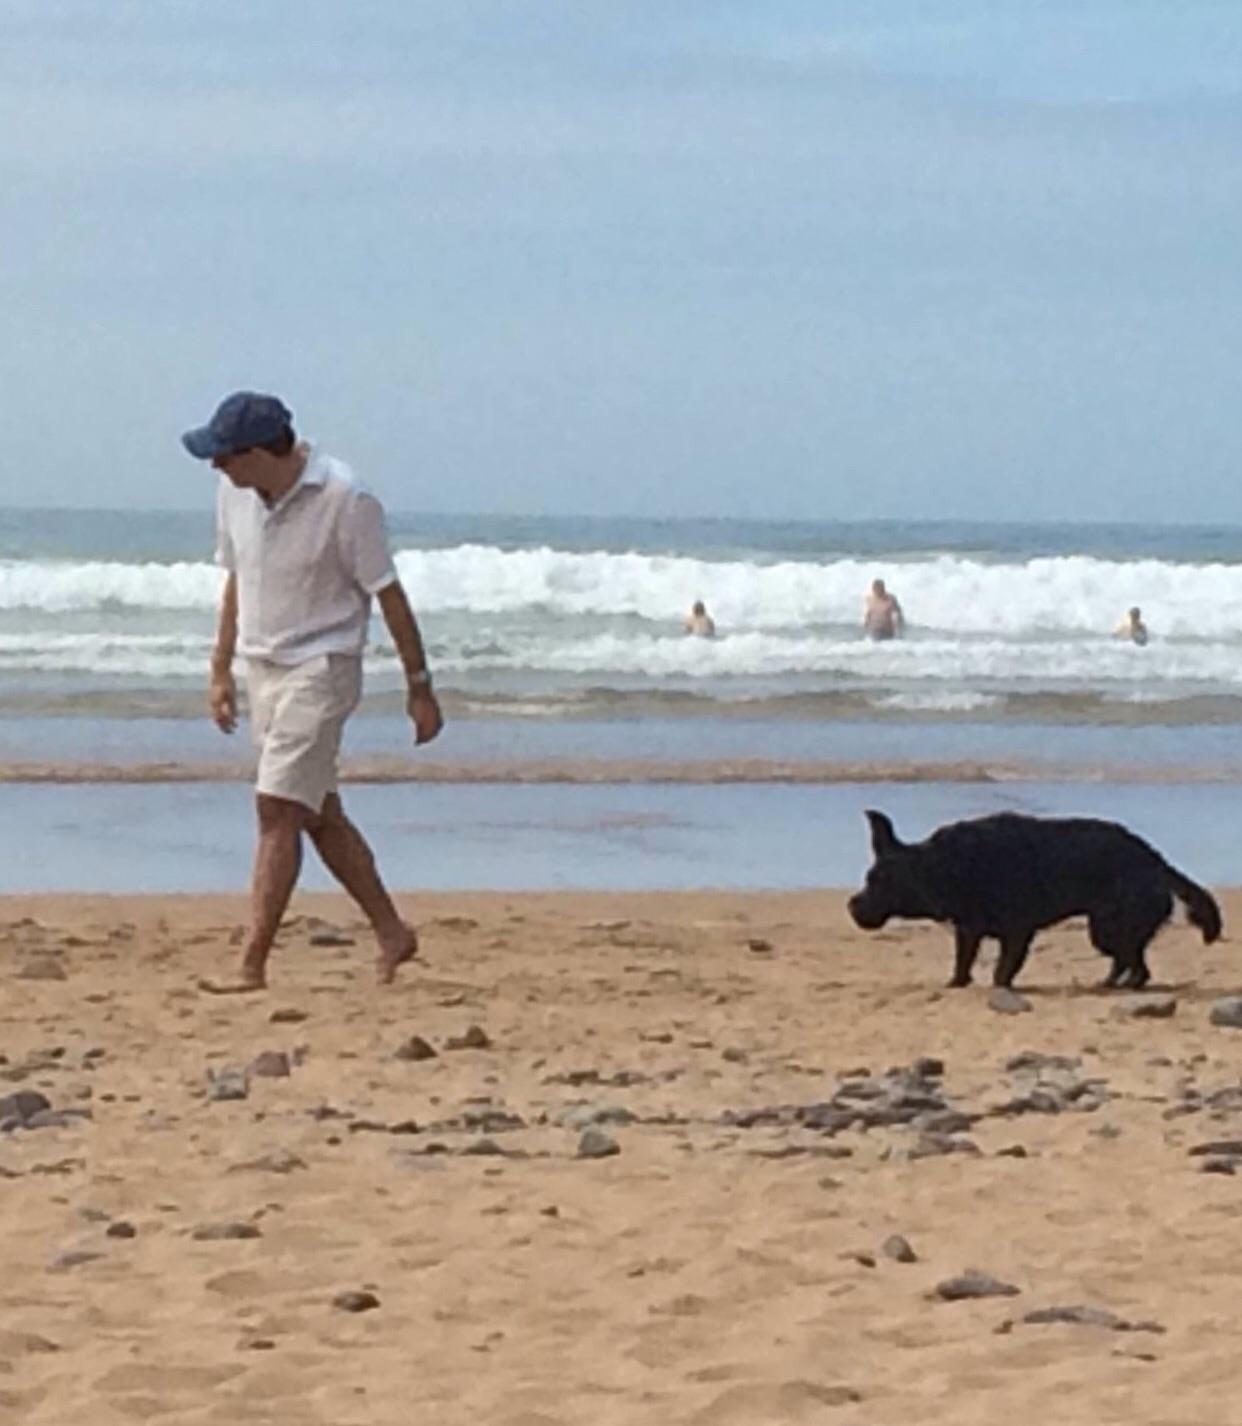 Devon beach, with the wet hound. [Photo, 2015.]